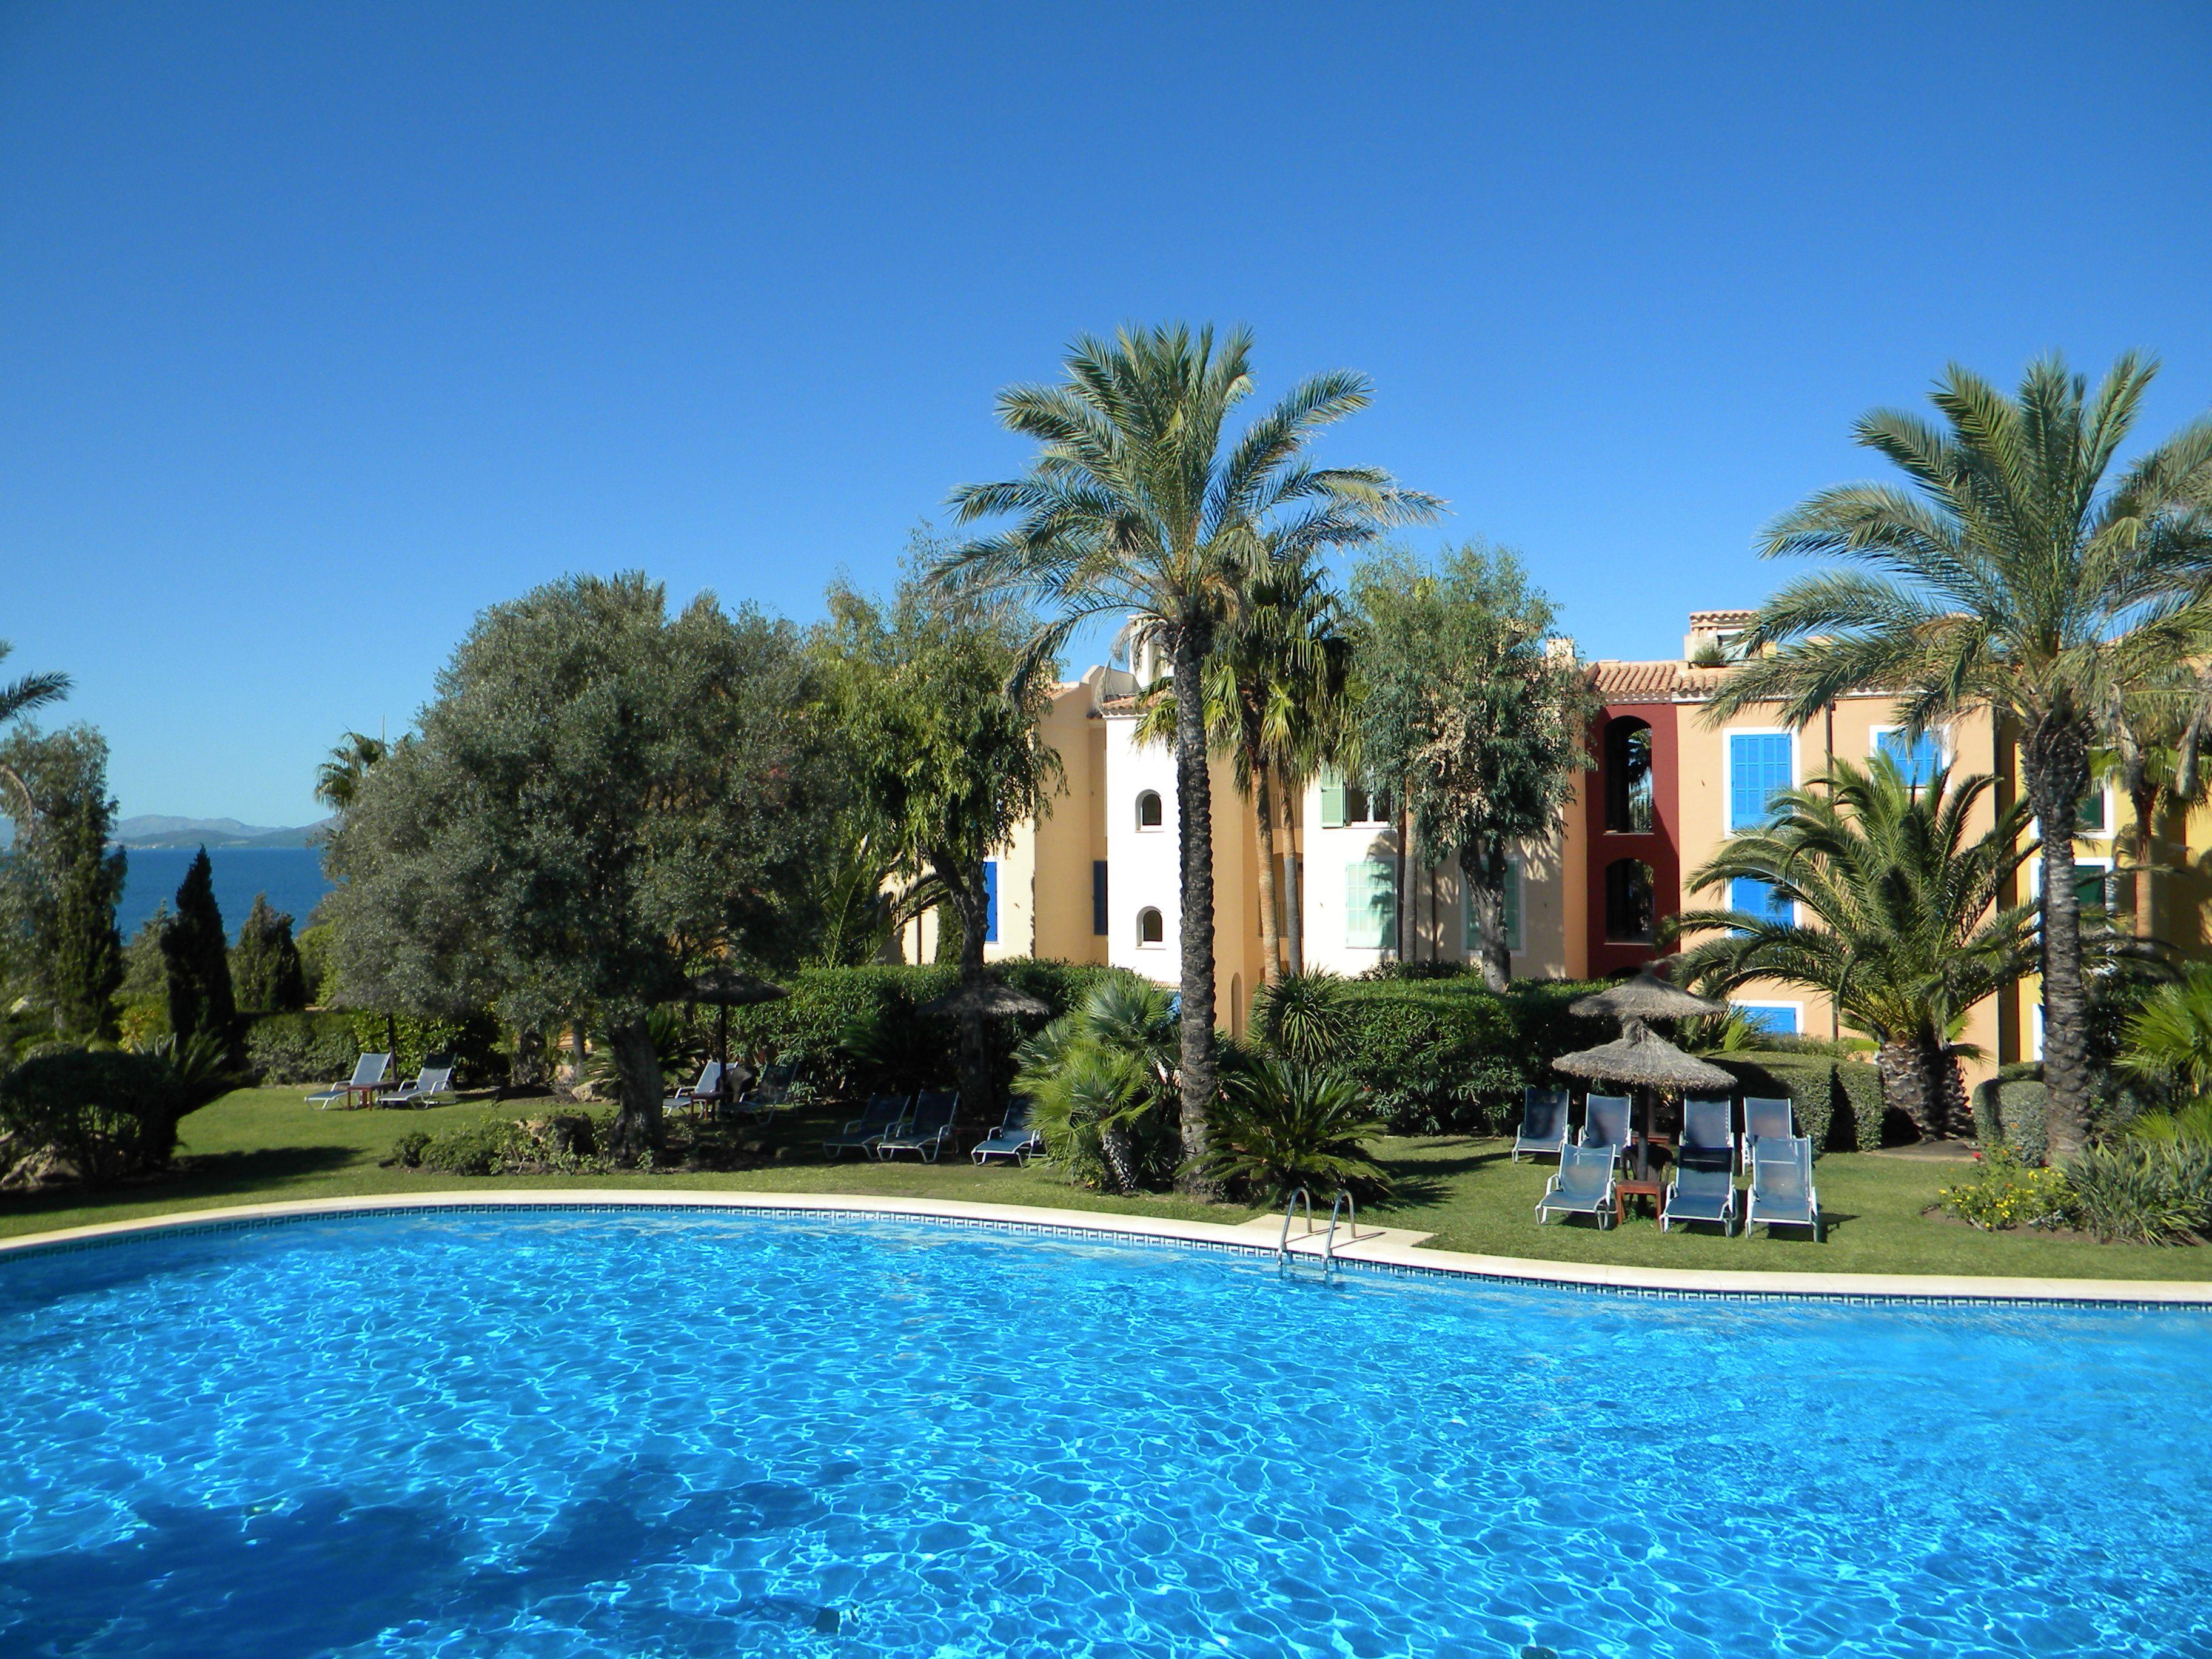 Betlem, Mallorca. Ferienhaus, Ferienwohnung und Ferien